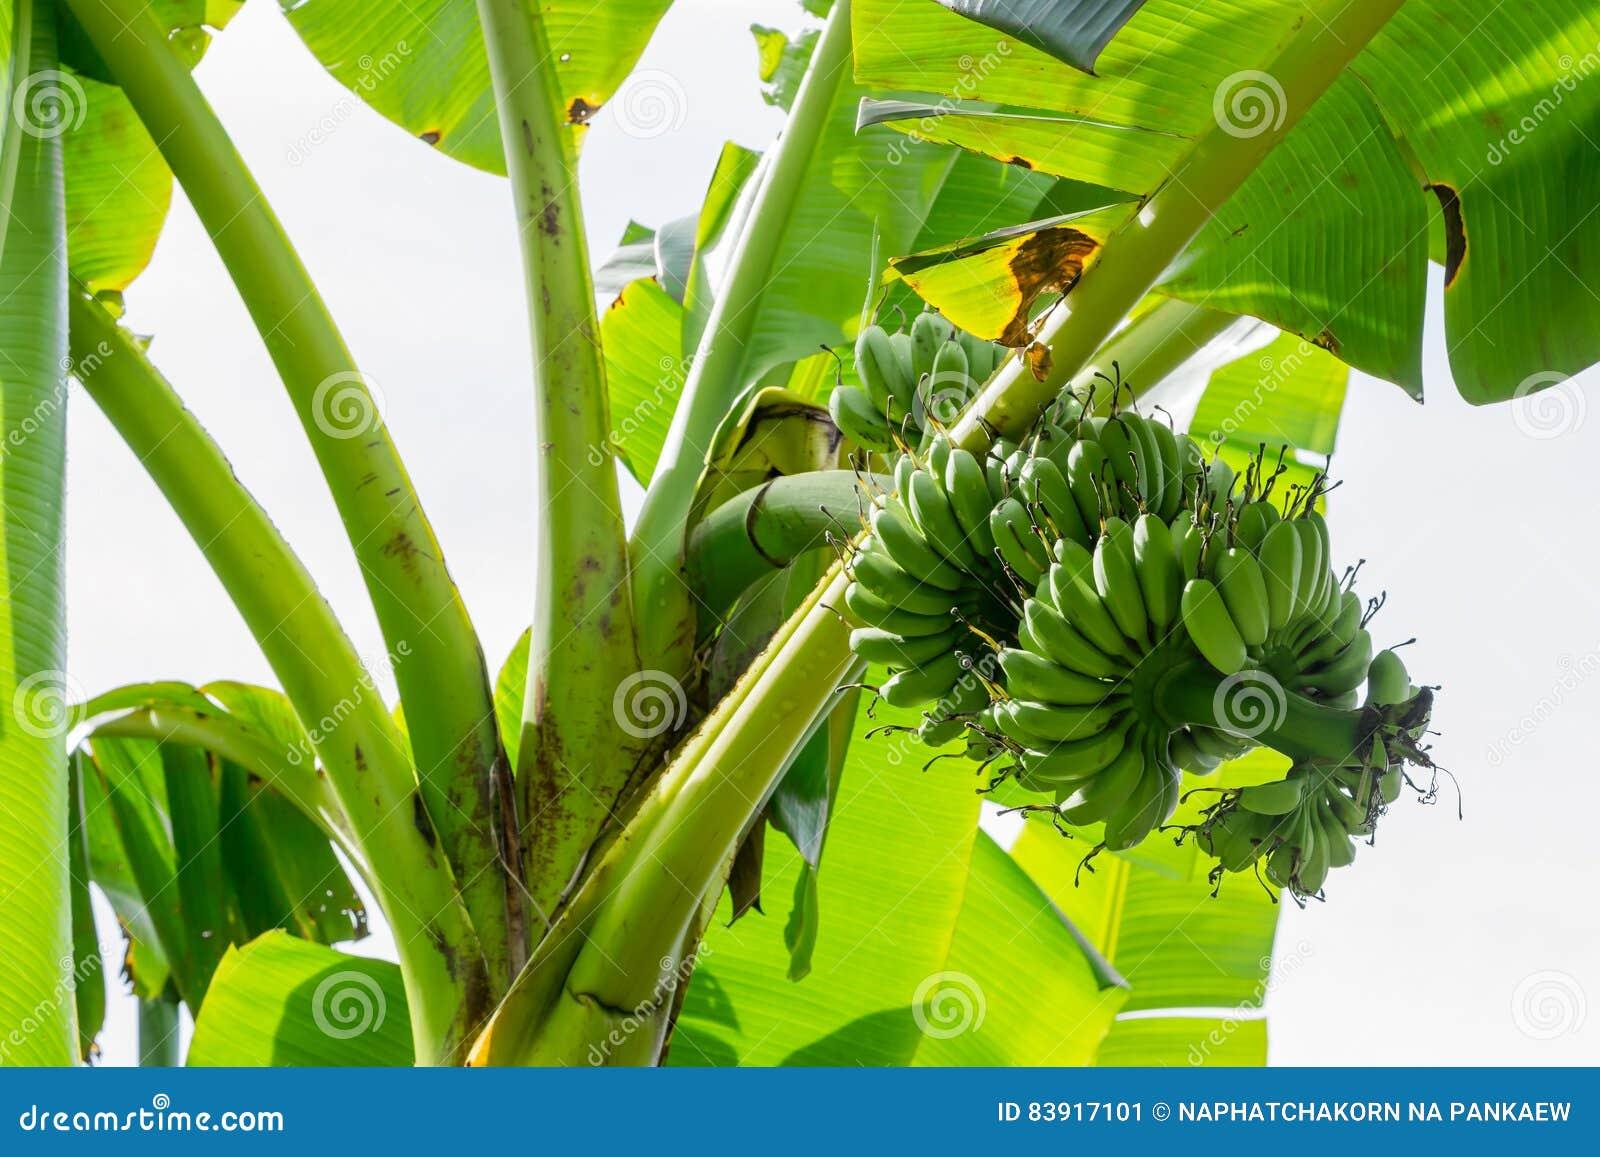 Albero di banana con un mazzo di banane immagine stock for Albero di banane